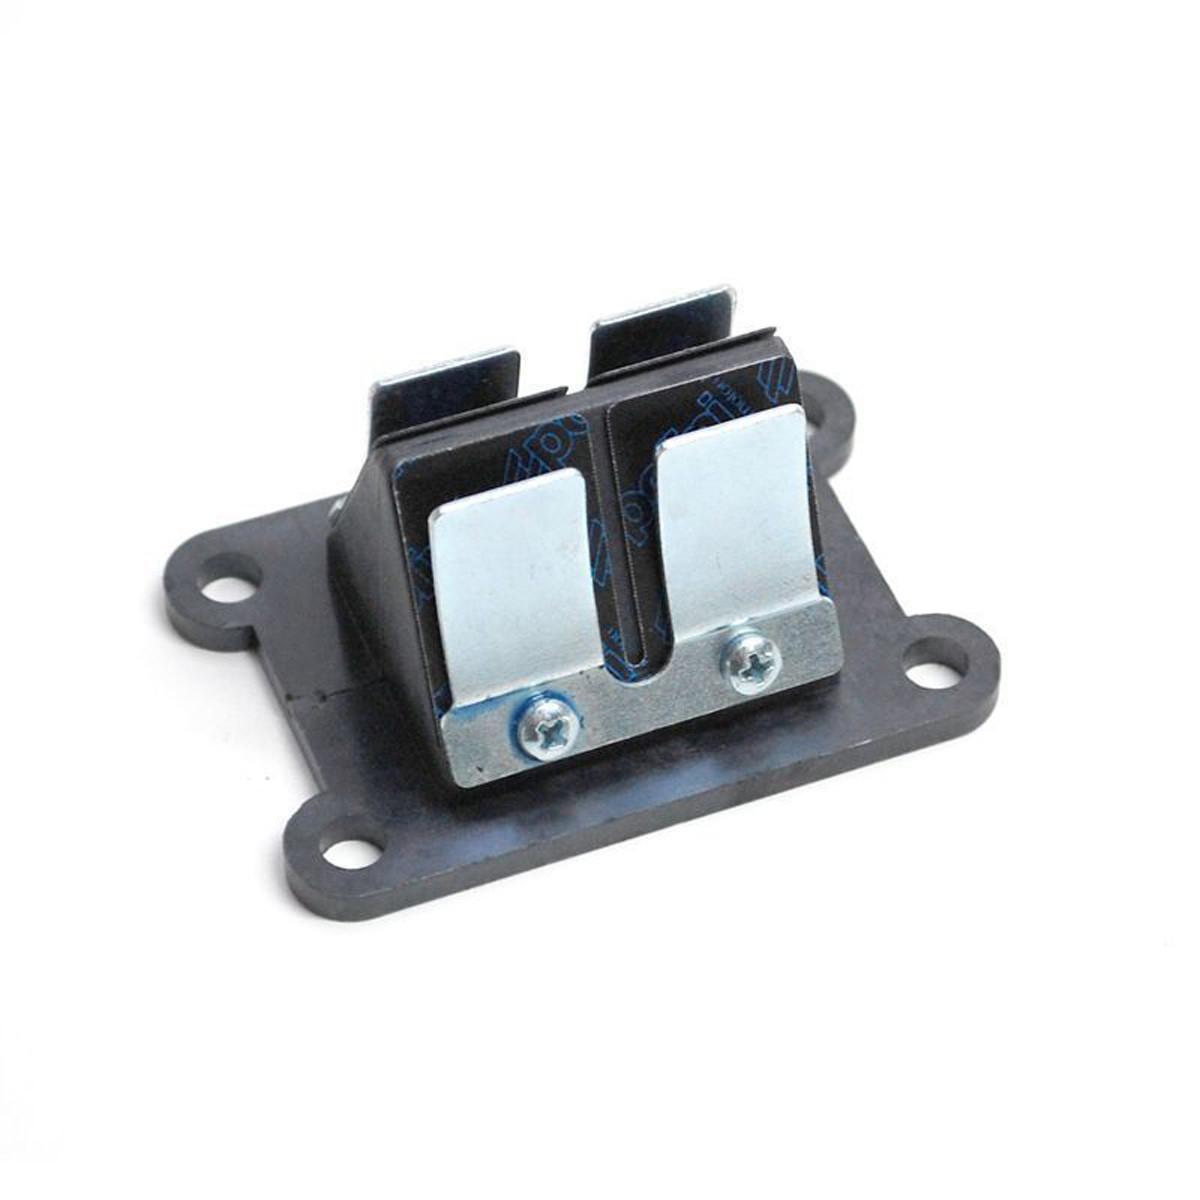 Clapet Boîte à Clapet MBK Booster / Clapet AM6 - POLINI